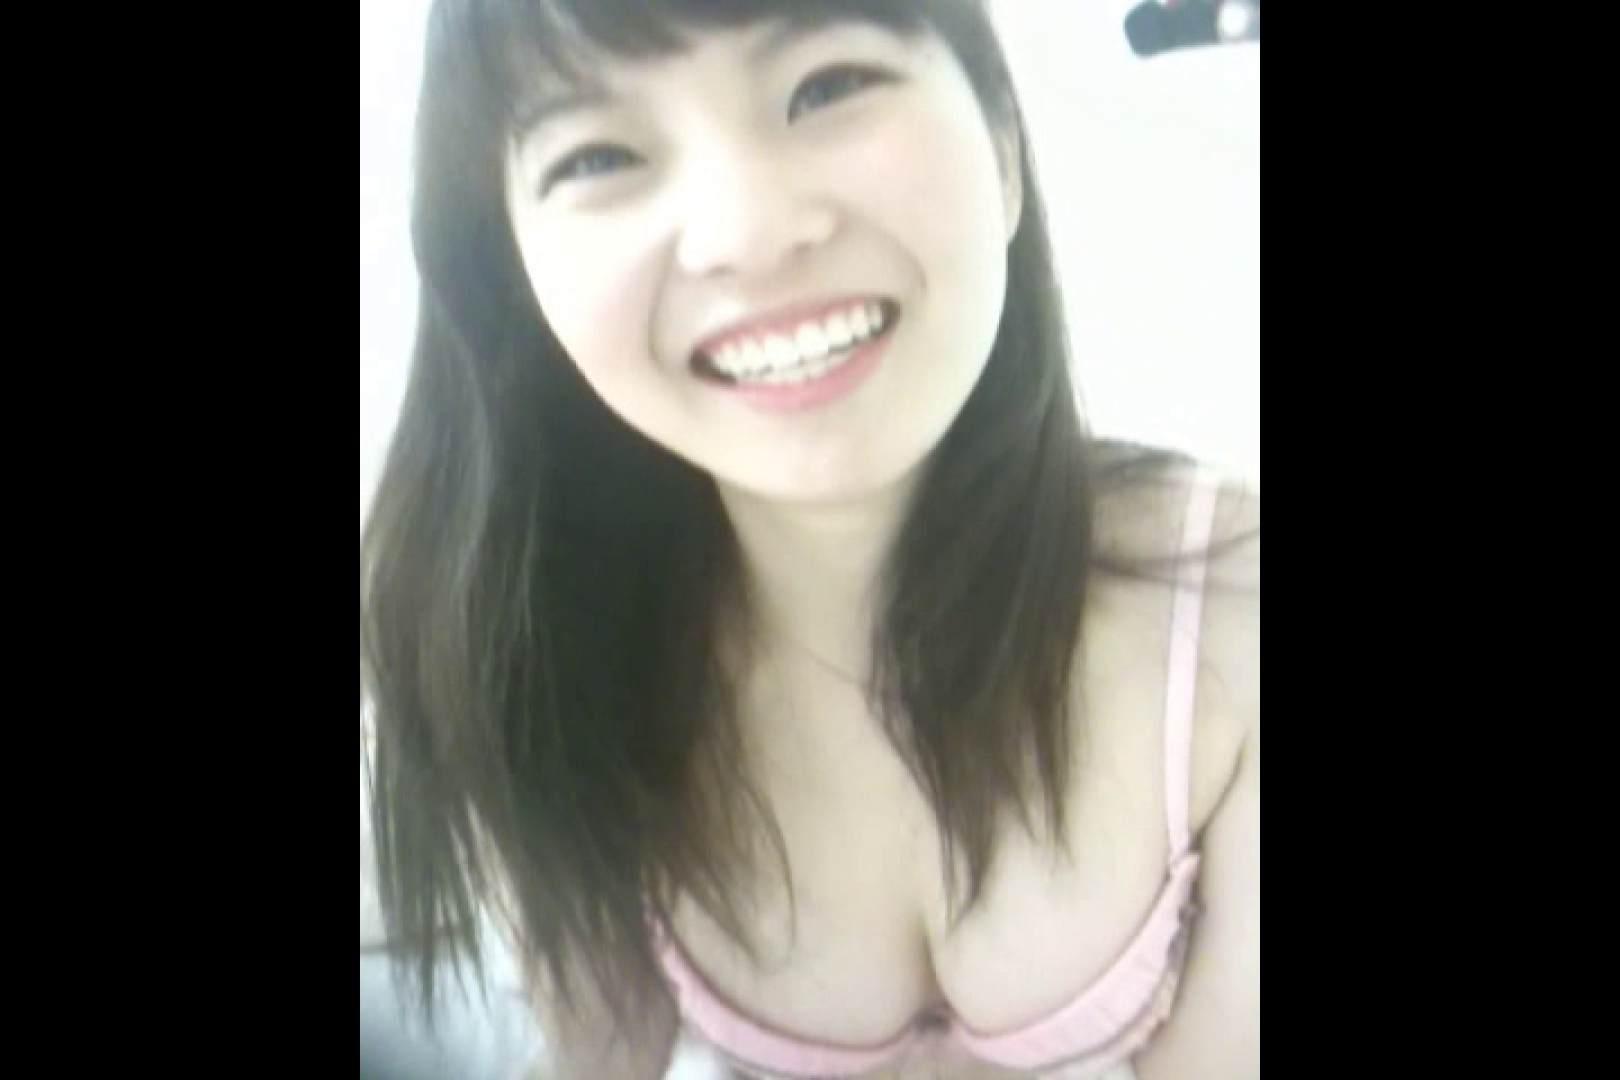 素人流出動画 AMIちゃんYUMIちゃんの秘密の携帯ムービー 素人のぞき  92pic 22